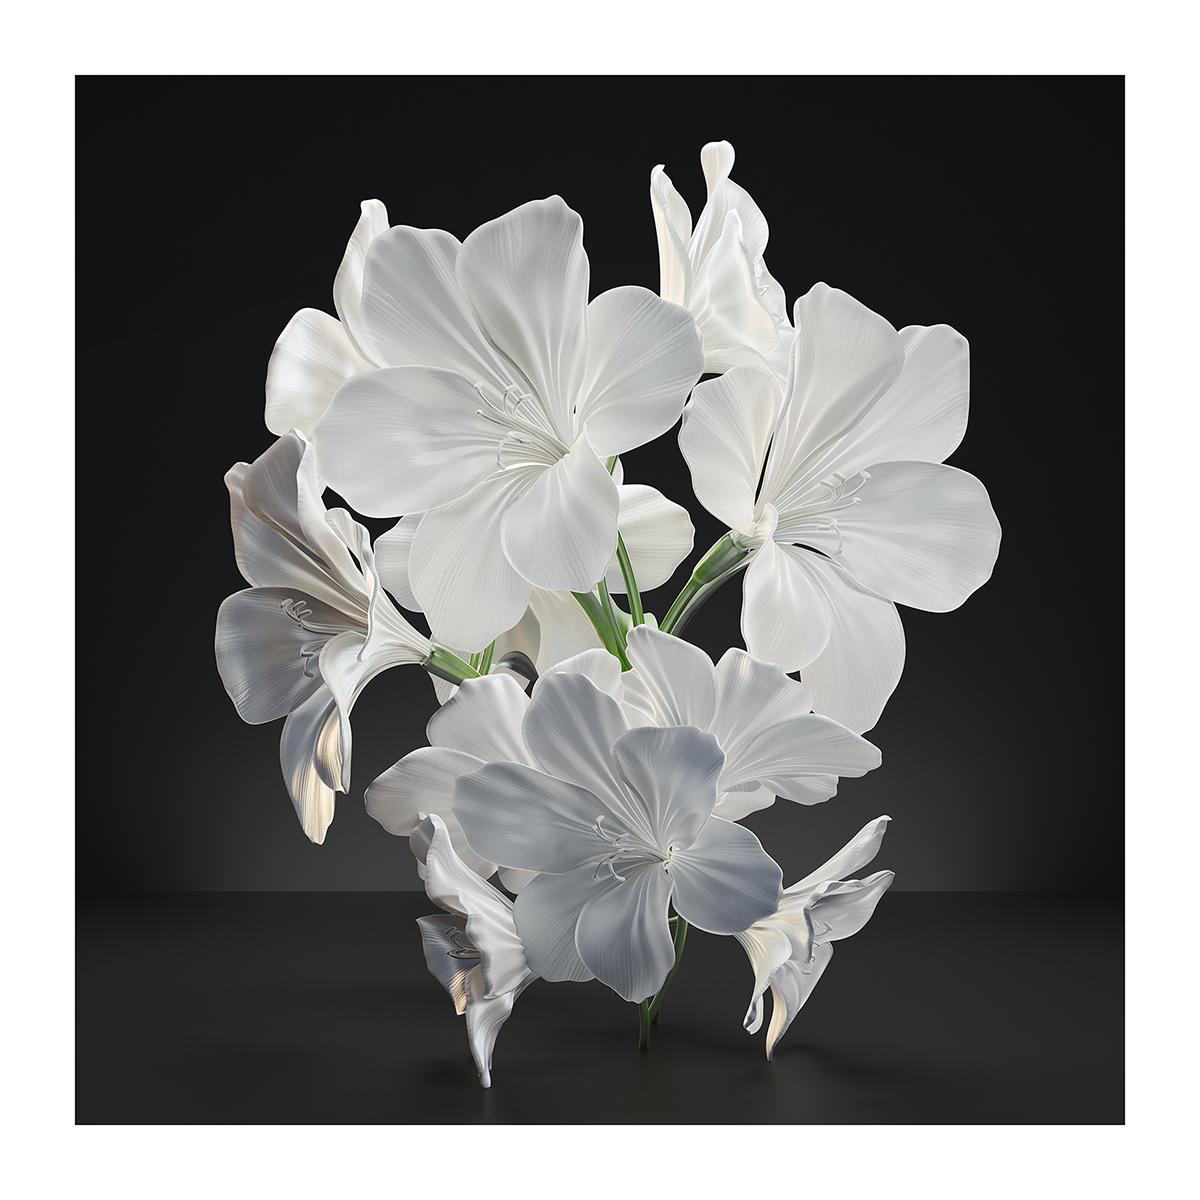 315 Virtual Flowers 2021 I 003 - 2021 - Virtual Flowers. 2021. I